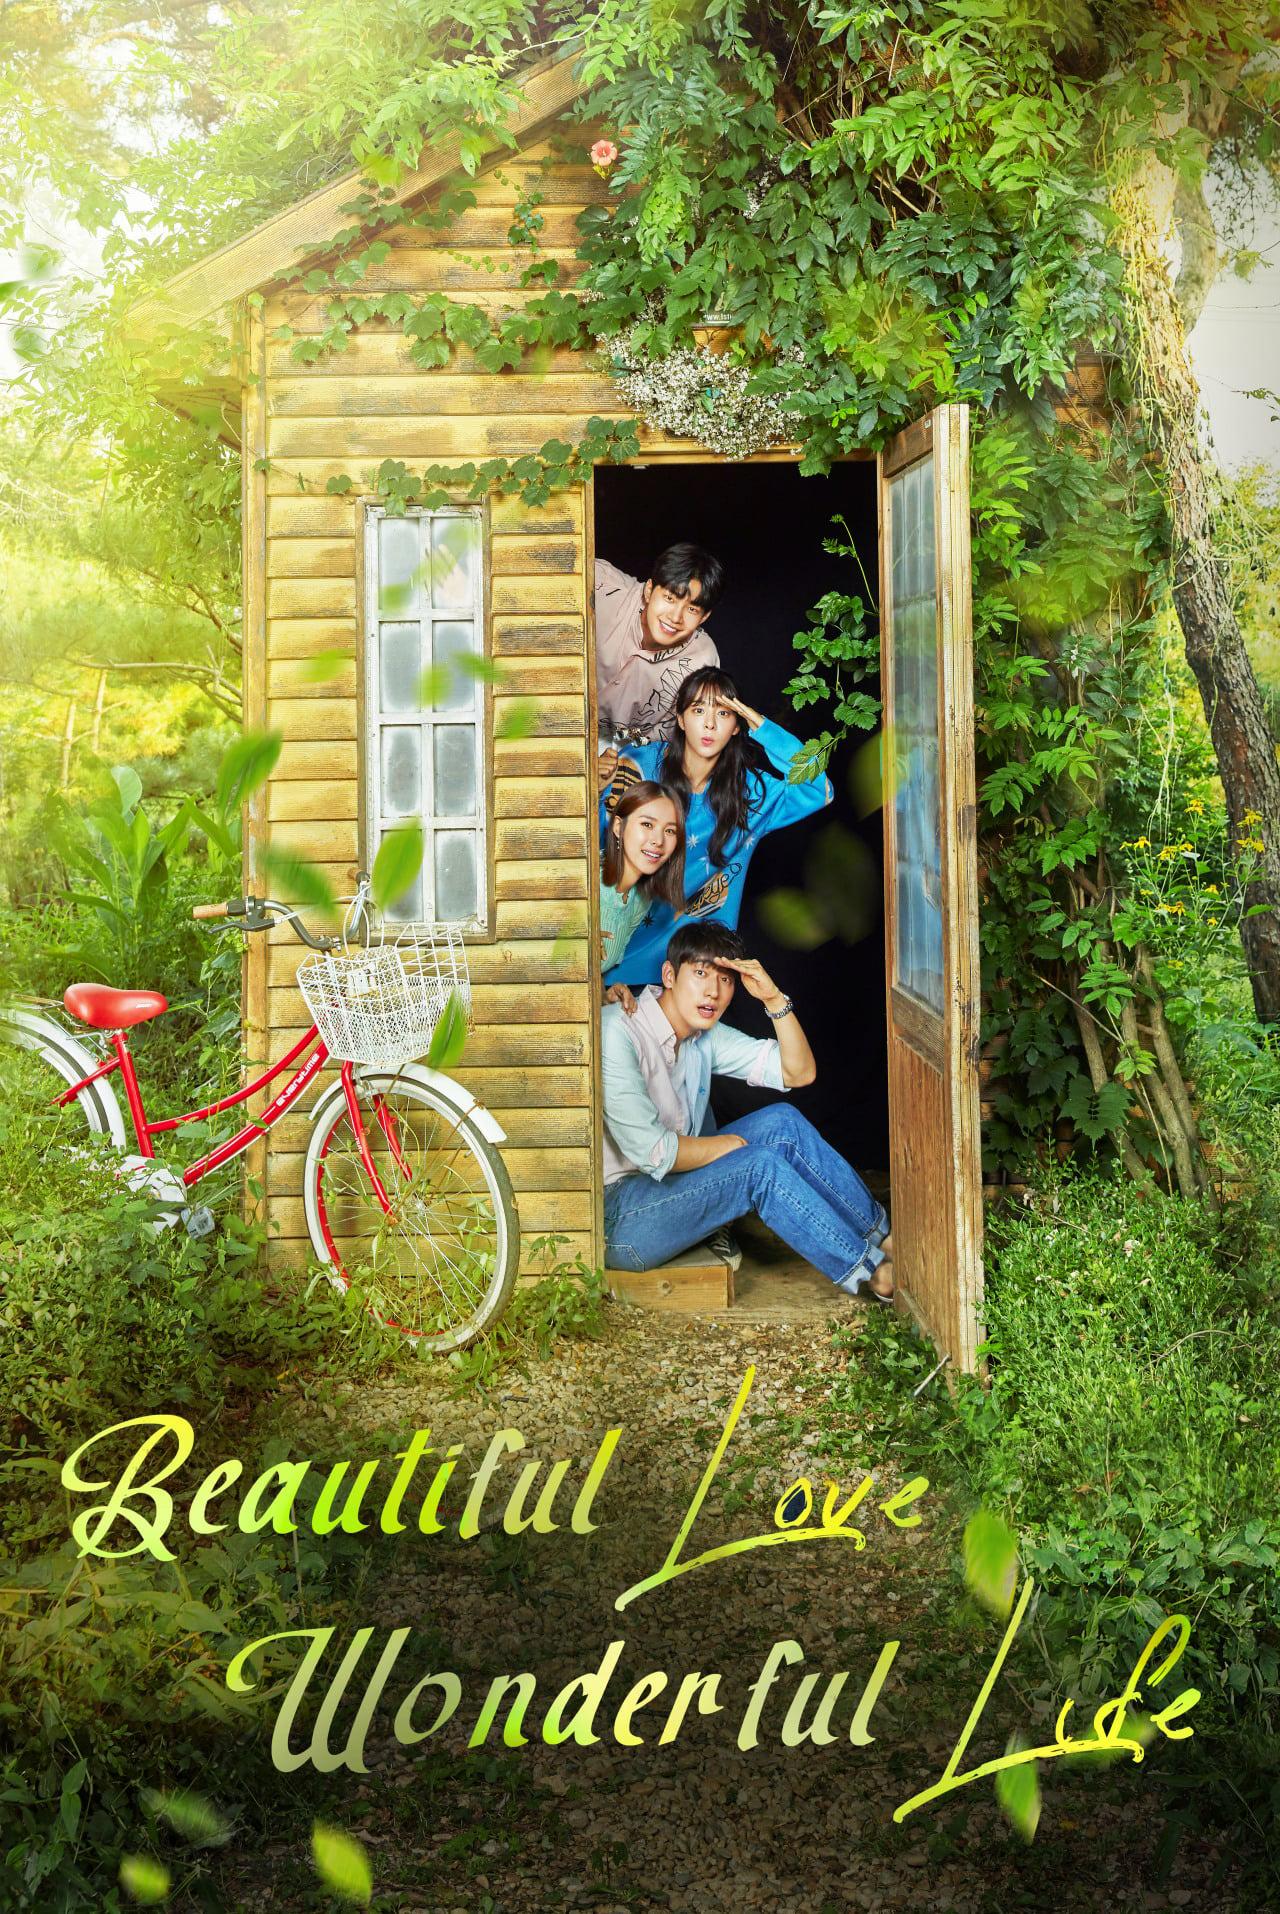 truyền hình Hàn Quốc Tình Như Mơ, Đời Như Mộng - Love Is Beautiful, Life Is Wonderful (2019)